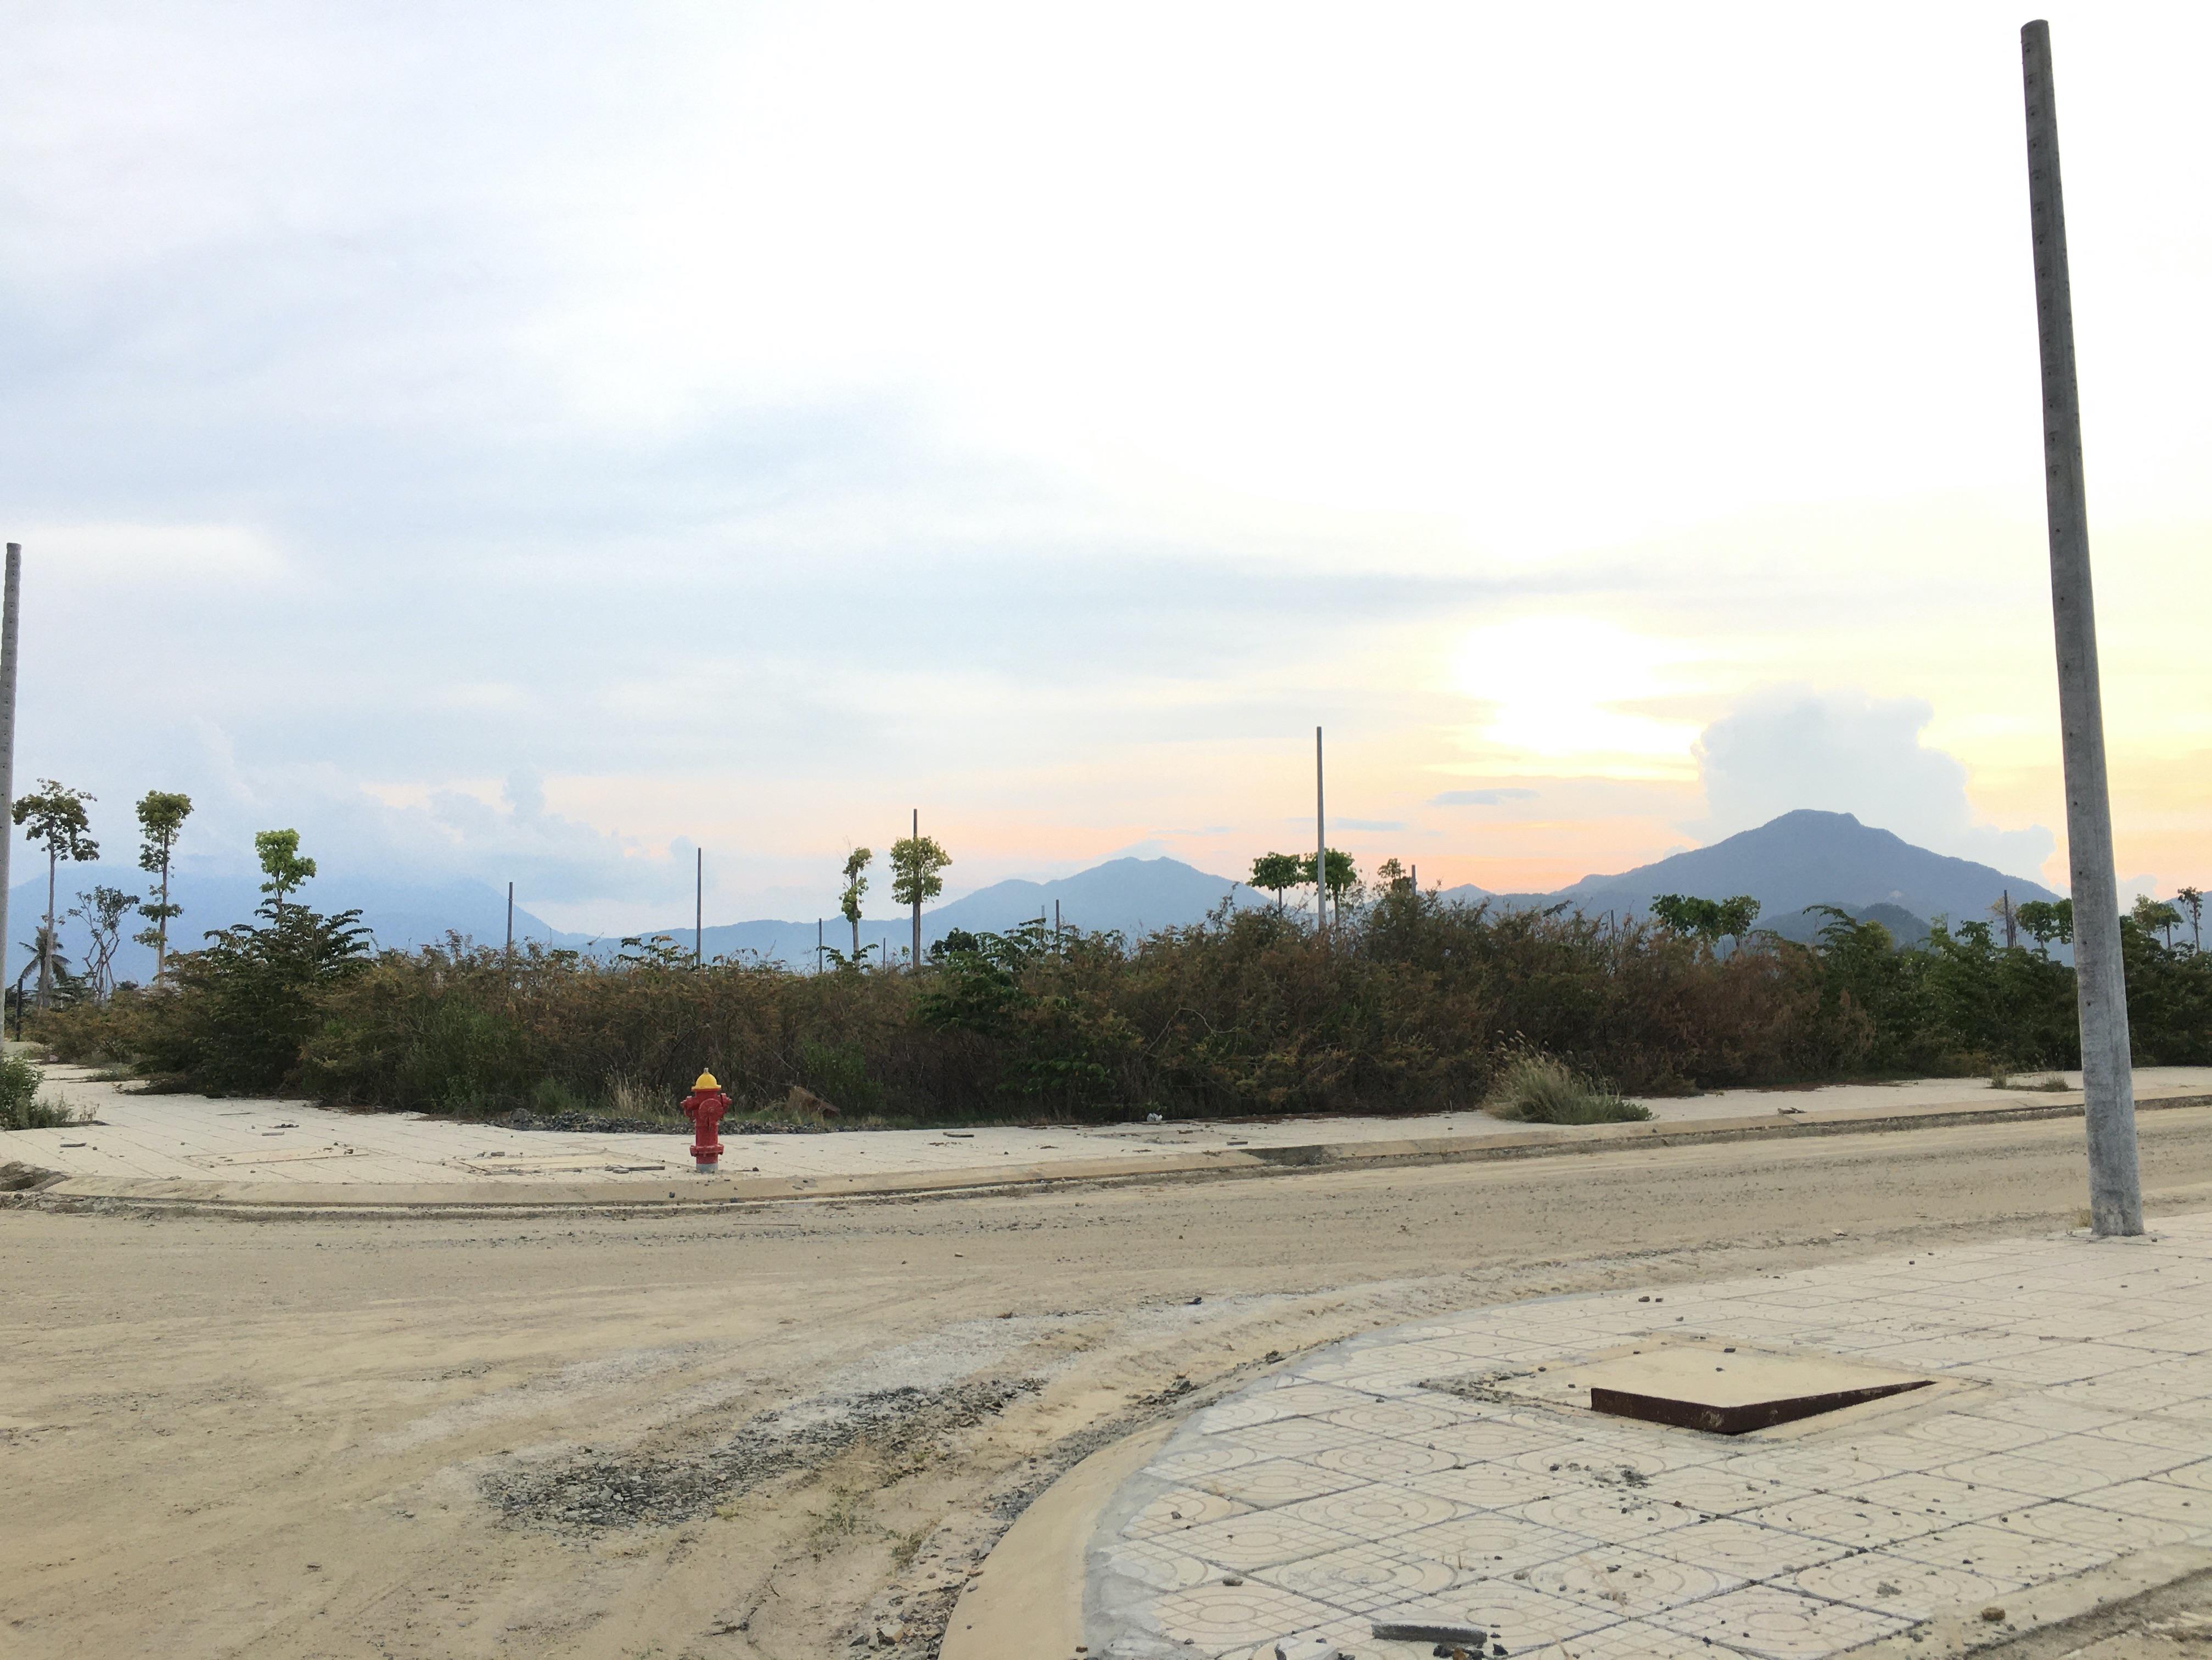 Đất nền Đà Nẵng giảm cả tỉ đồng nhưng không ai mua, các ki ốt bất động sản bỏ hoang, bụi phủ đầy - Ảnh 4.